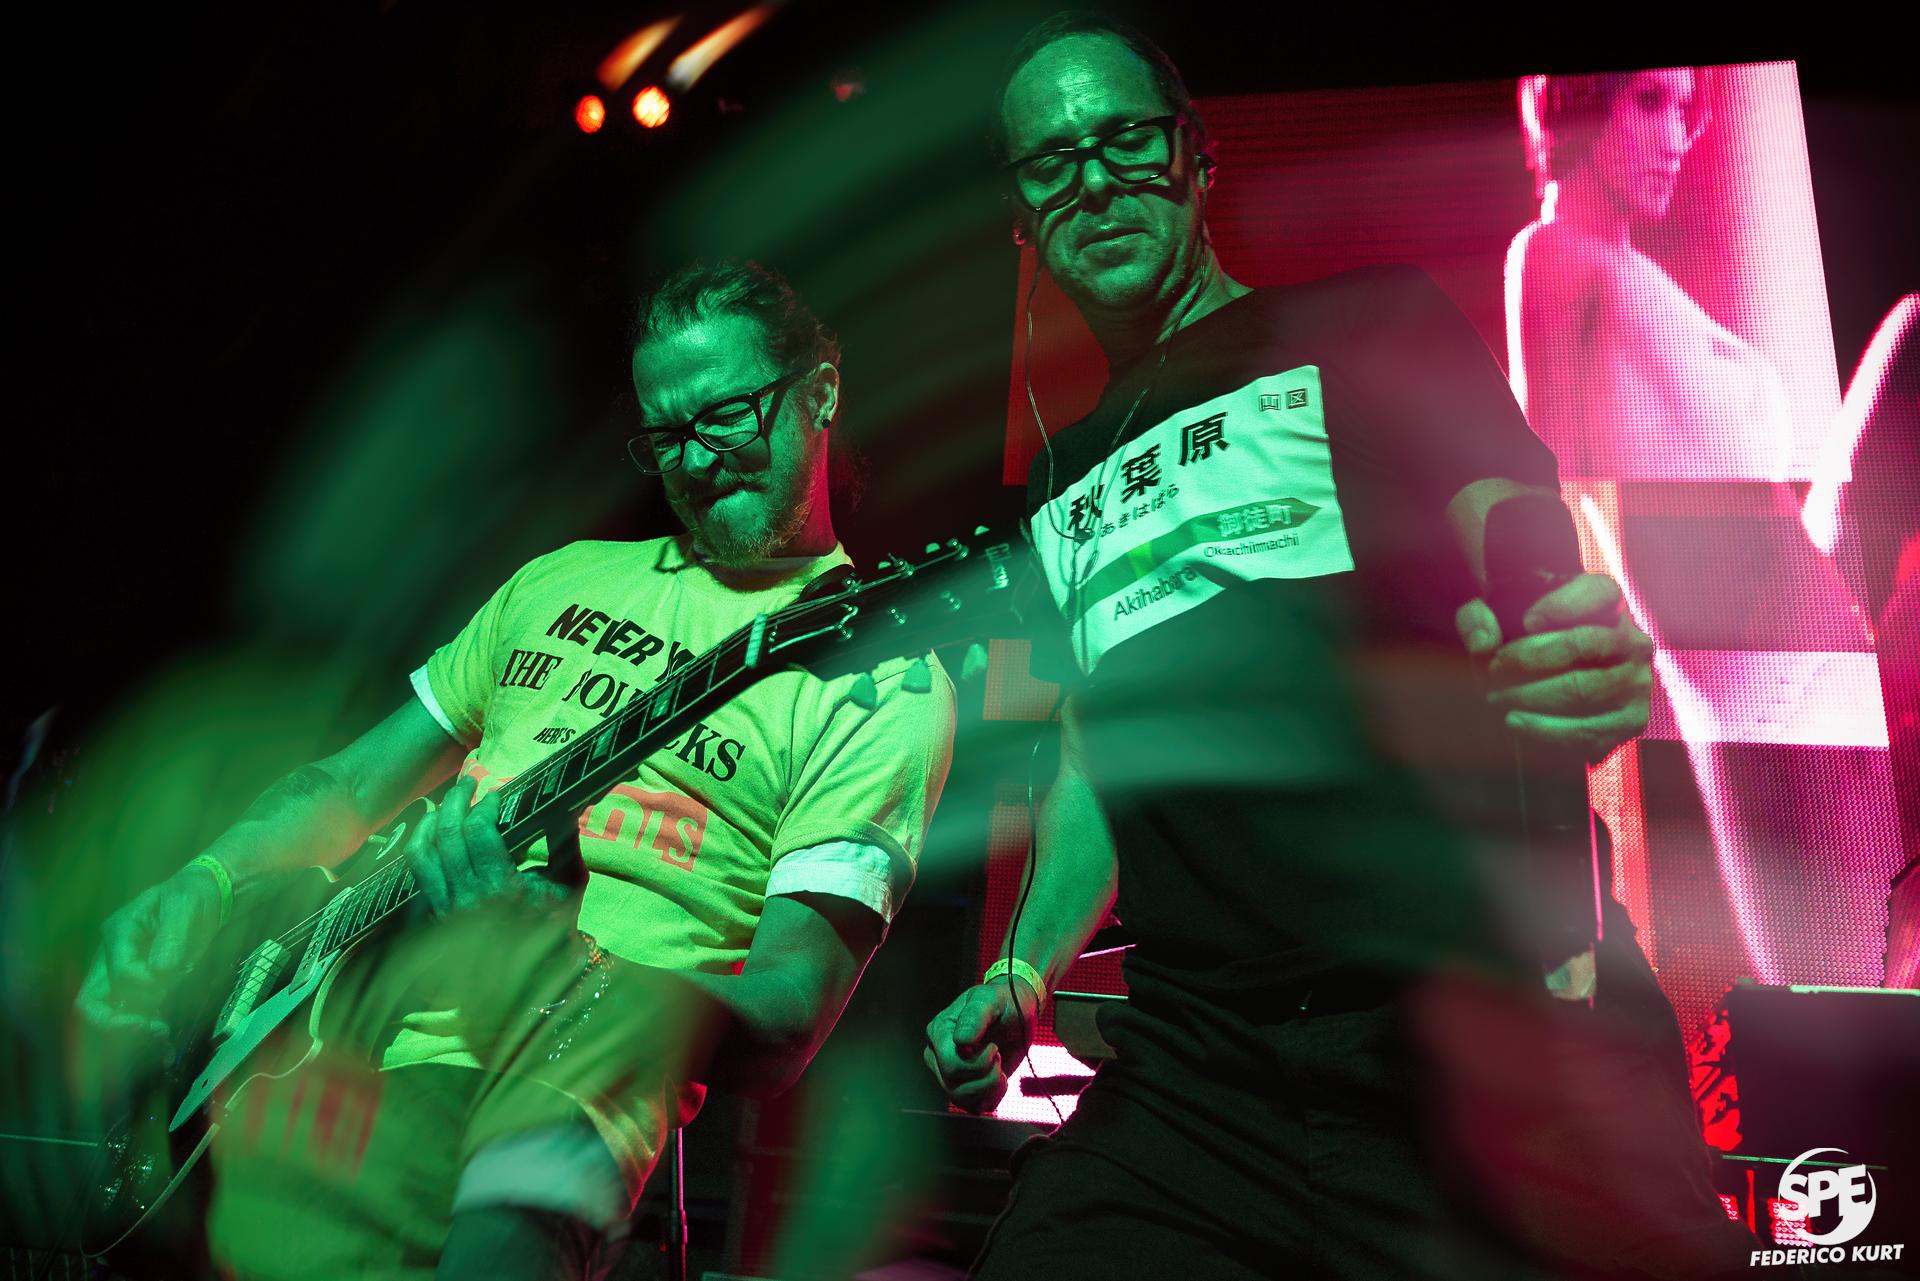 El grupo Zapato 3 se presentó en Palermo Club, Buenos Aires, Argentina el dia jueves 08 de Agosto de 2019. El grupo encargado de abrir la noche fue Hey Molly. 8 de Agosto de 2019.Foto de: Federico Kurt